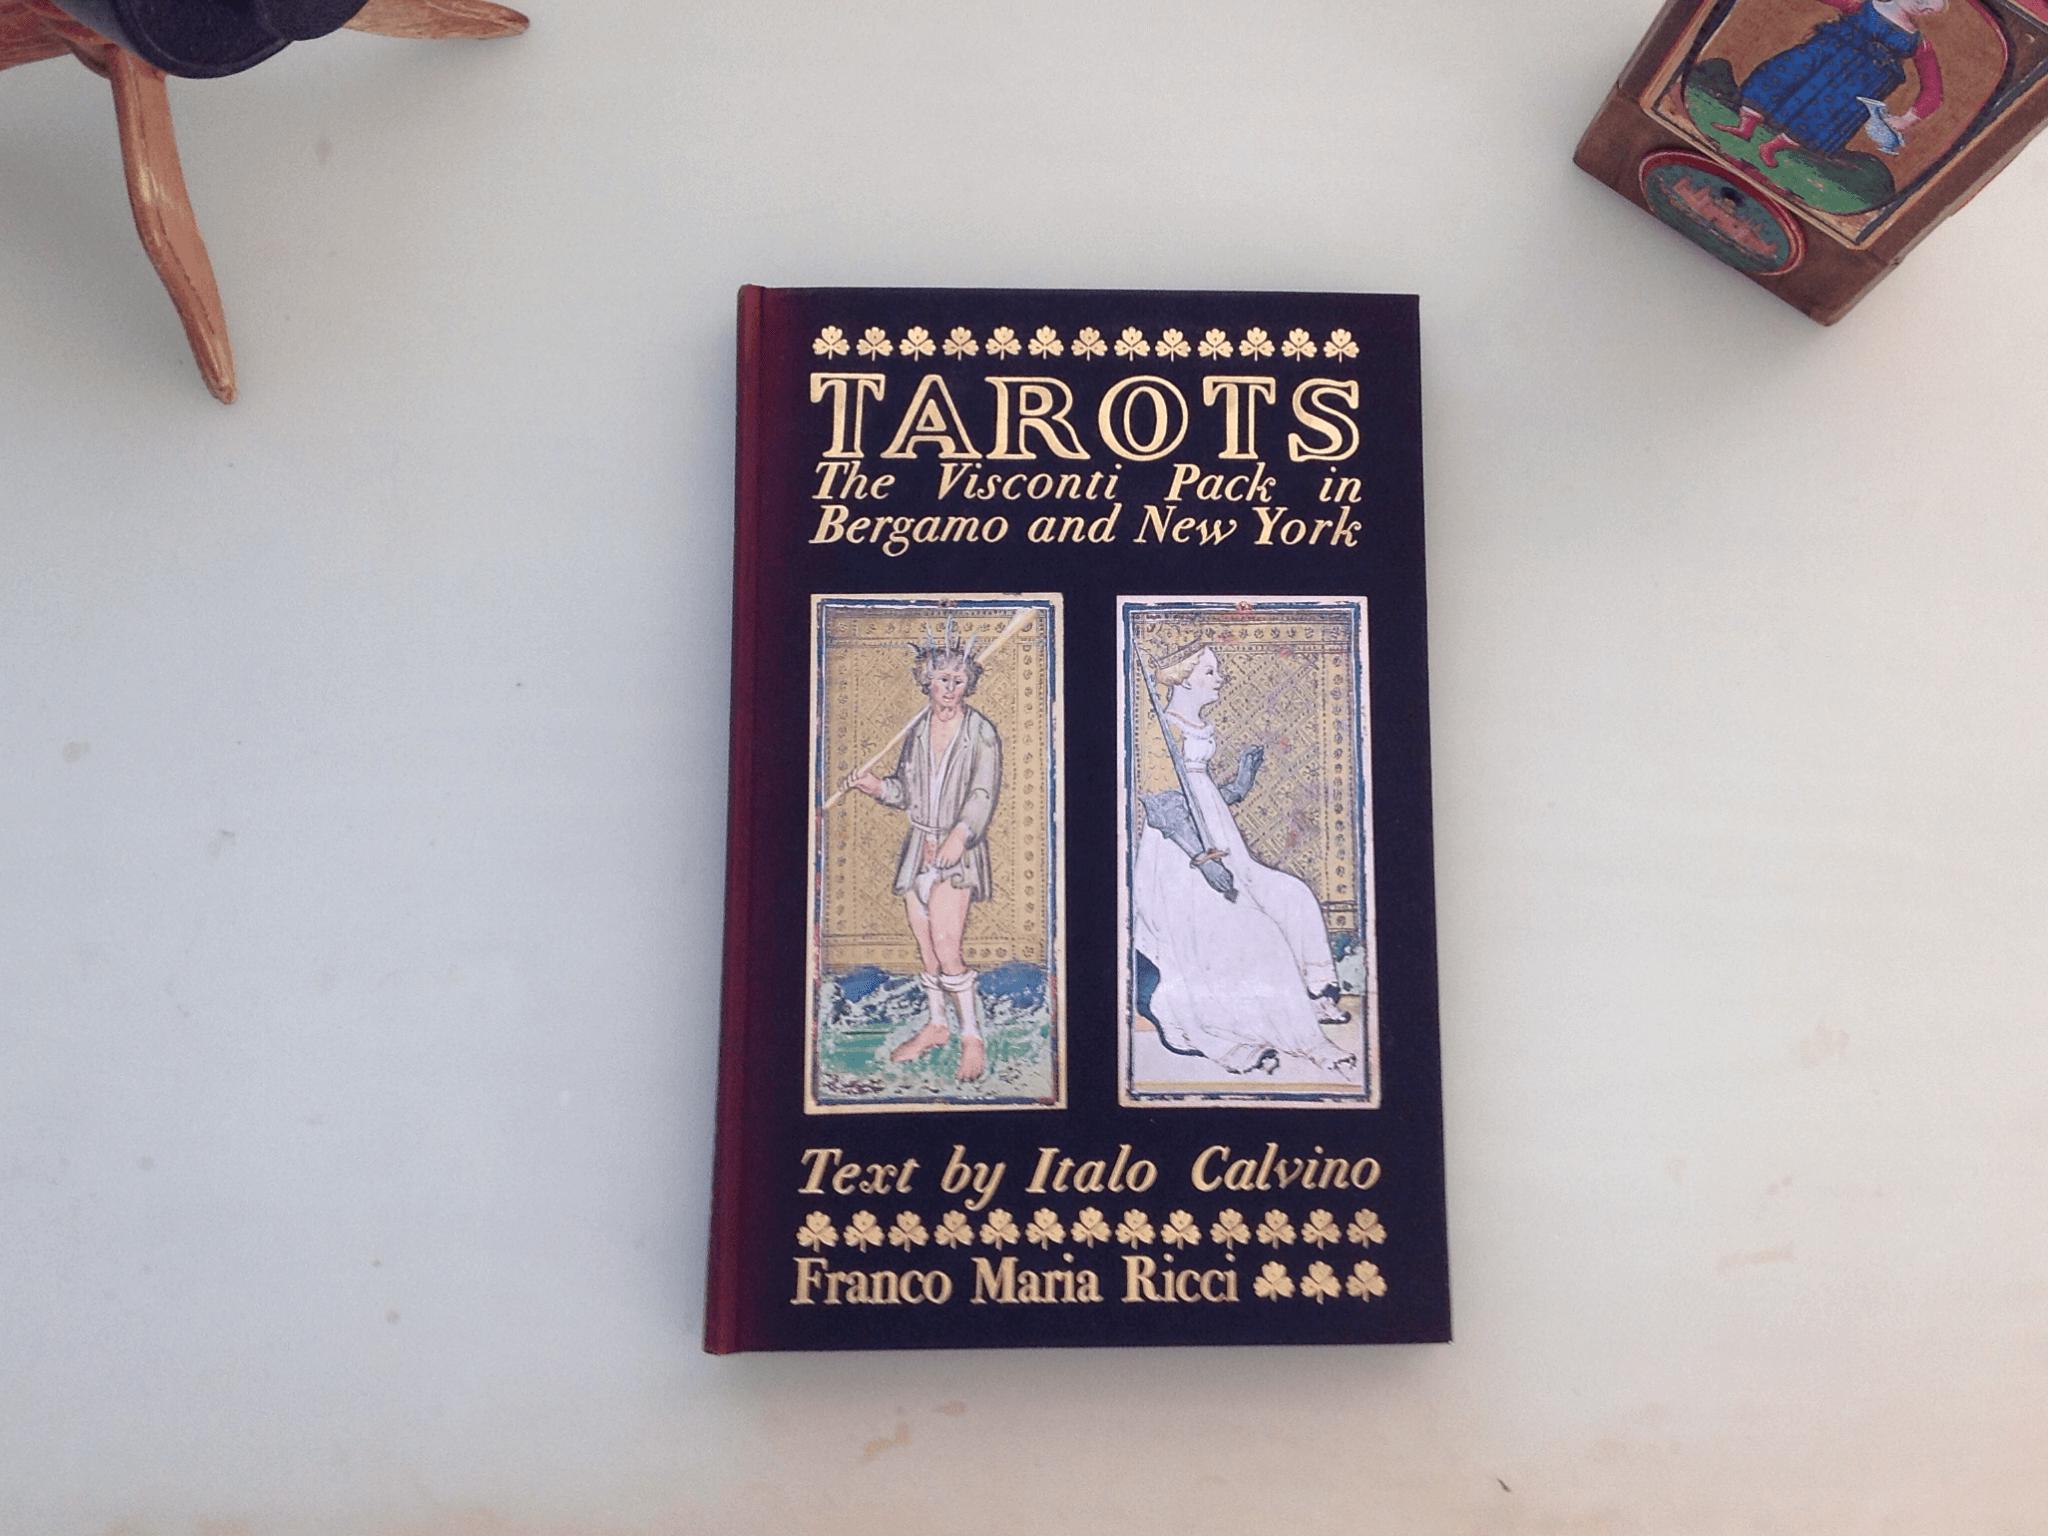 《命運交滙的城堡》英文版 .Franco Maria Ricci出版社1973年 .限量3000本 .筆者收藏的一本編號 176 .內有現存的維斯康蒂塔羅牌六十一張全圖複製, 高度存真,包括鏤上圖案的金箔。 .書名用《維斯康蒂塔羅》,不用卡維諾的書名 .「命運交滙的酒館」不包括在內。